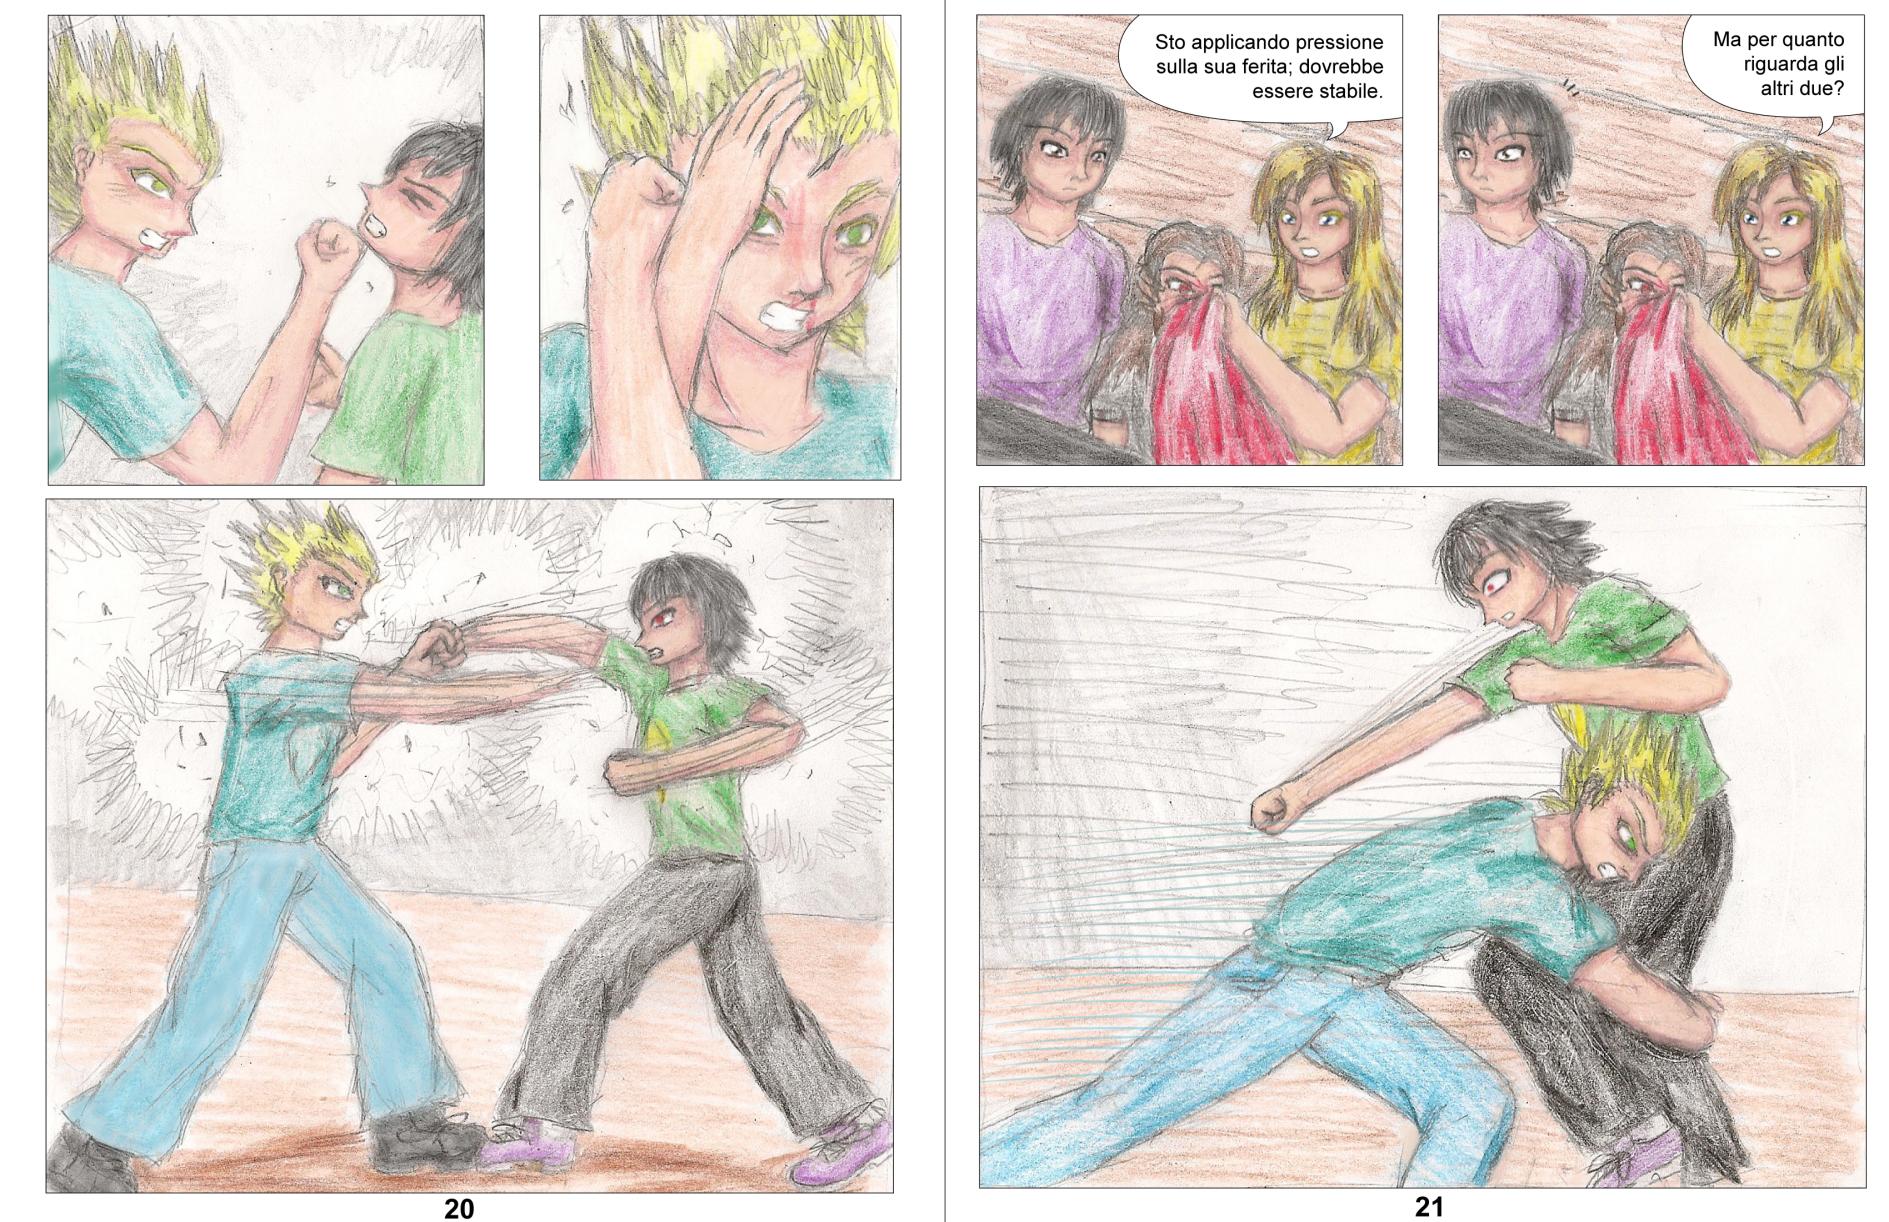 Demon Hunters Capitolo 3 Pagina 20-21